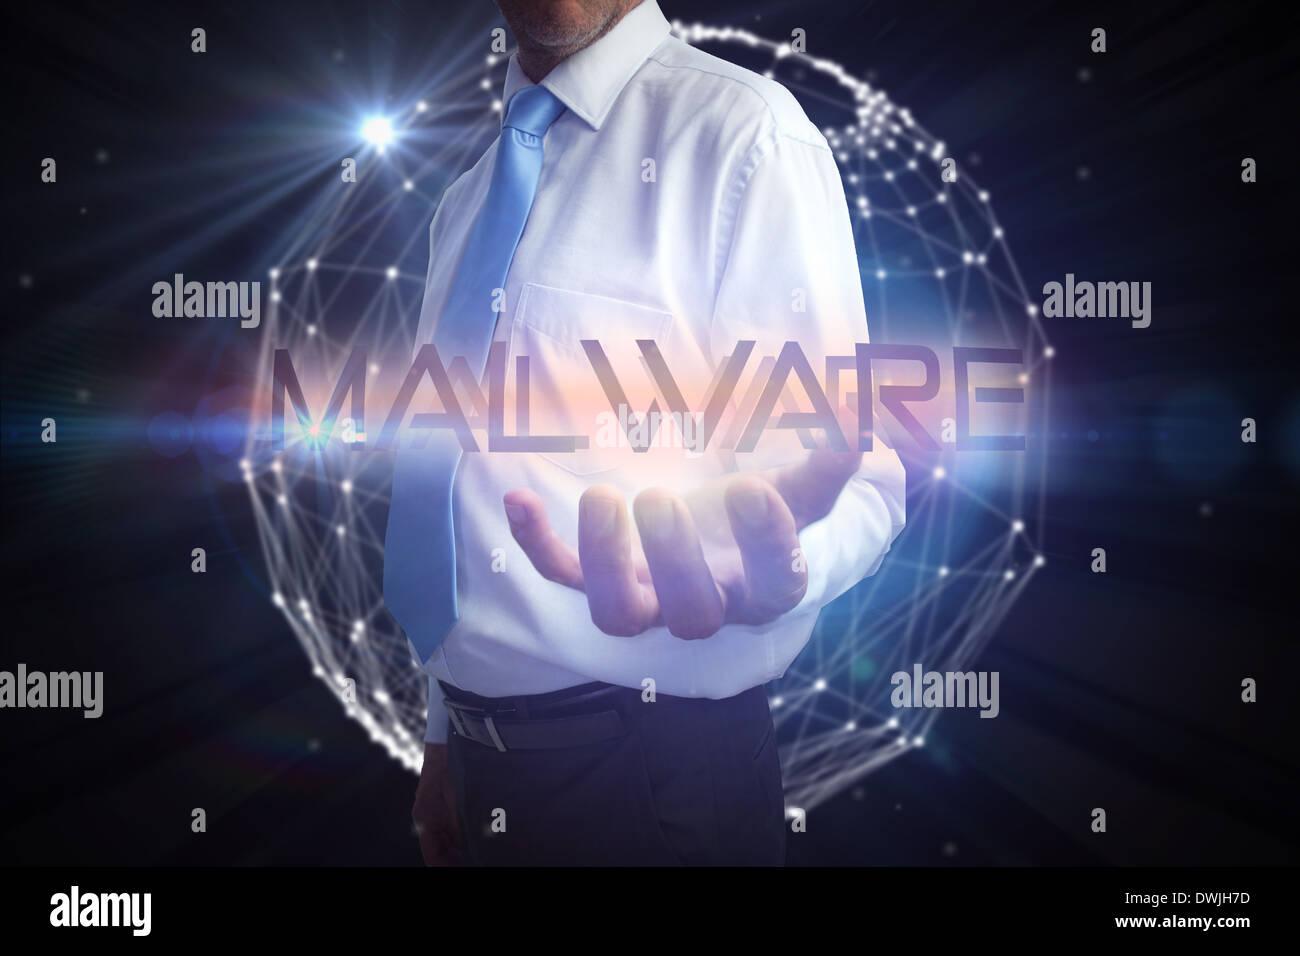 Unternehmer präsentieren die Wort-malware Stockbild